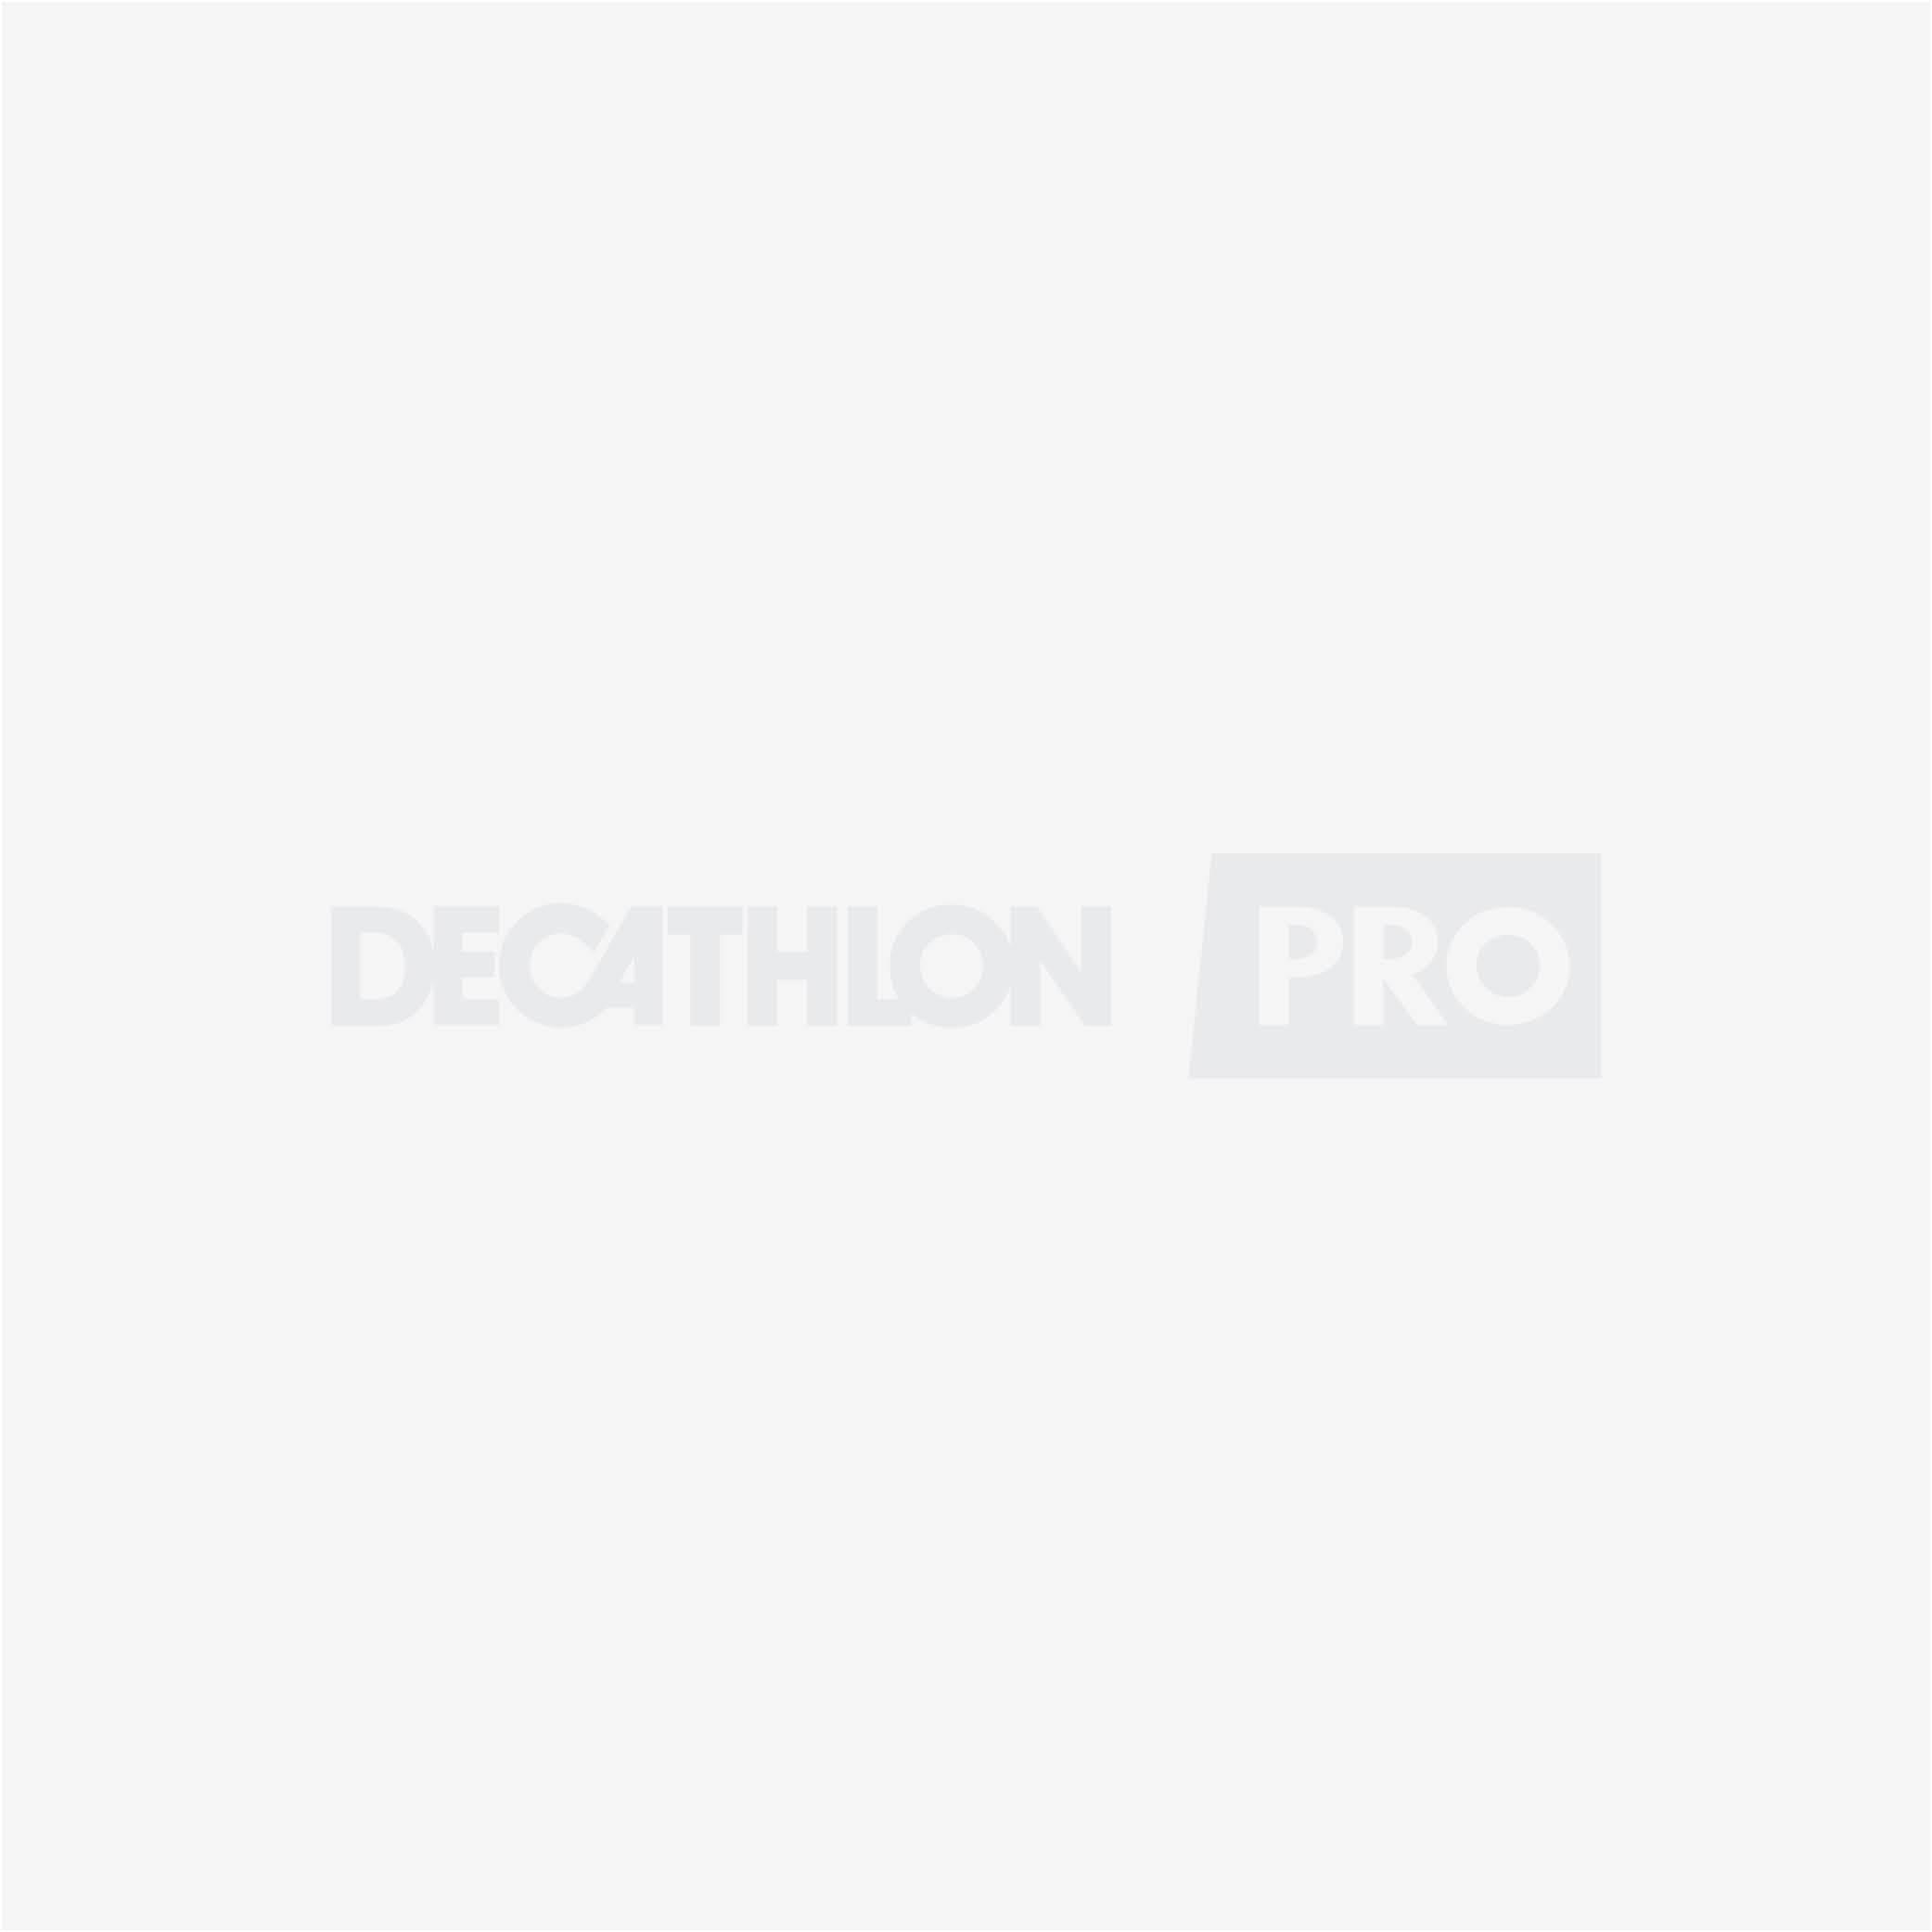 S14_BAN_MENU_RAQUETTES.jpg